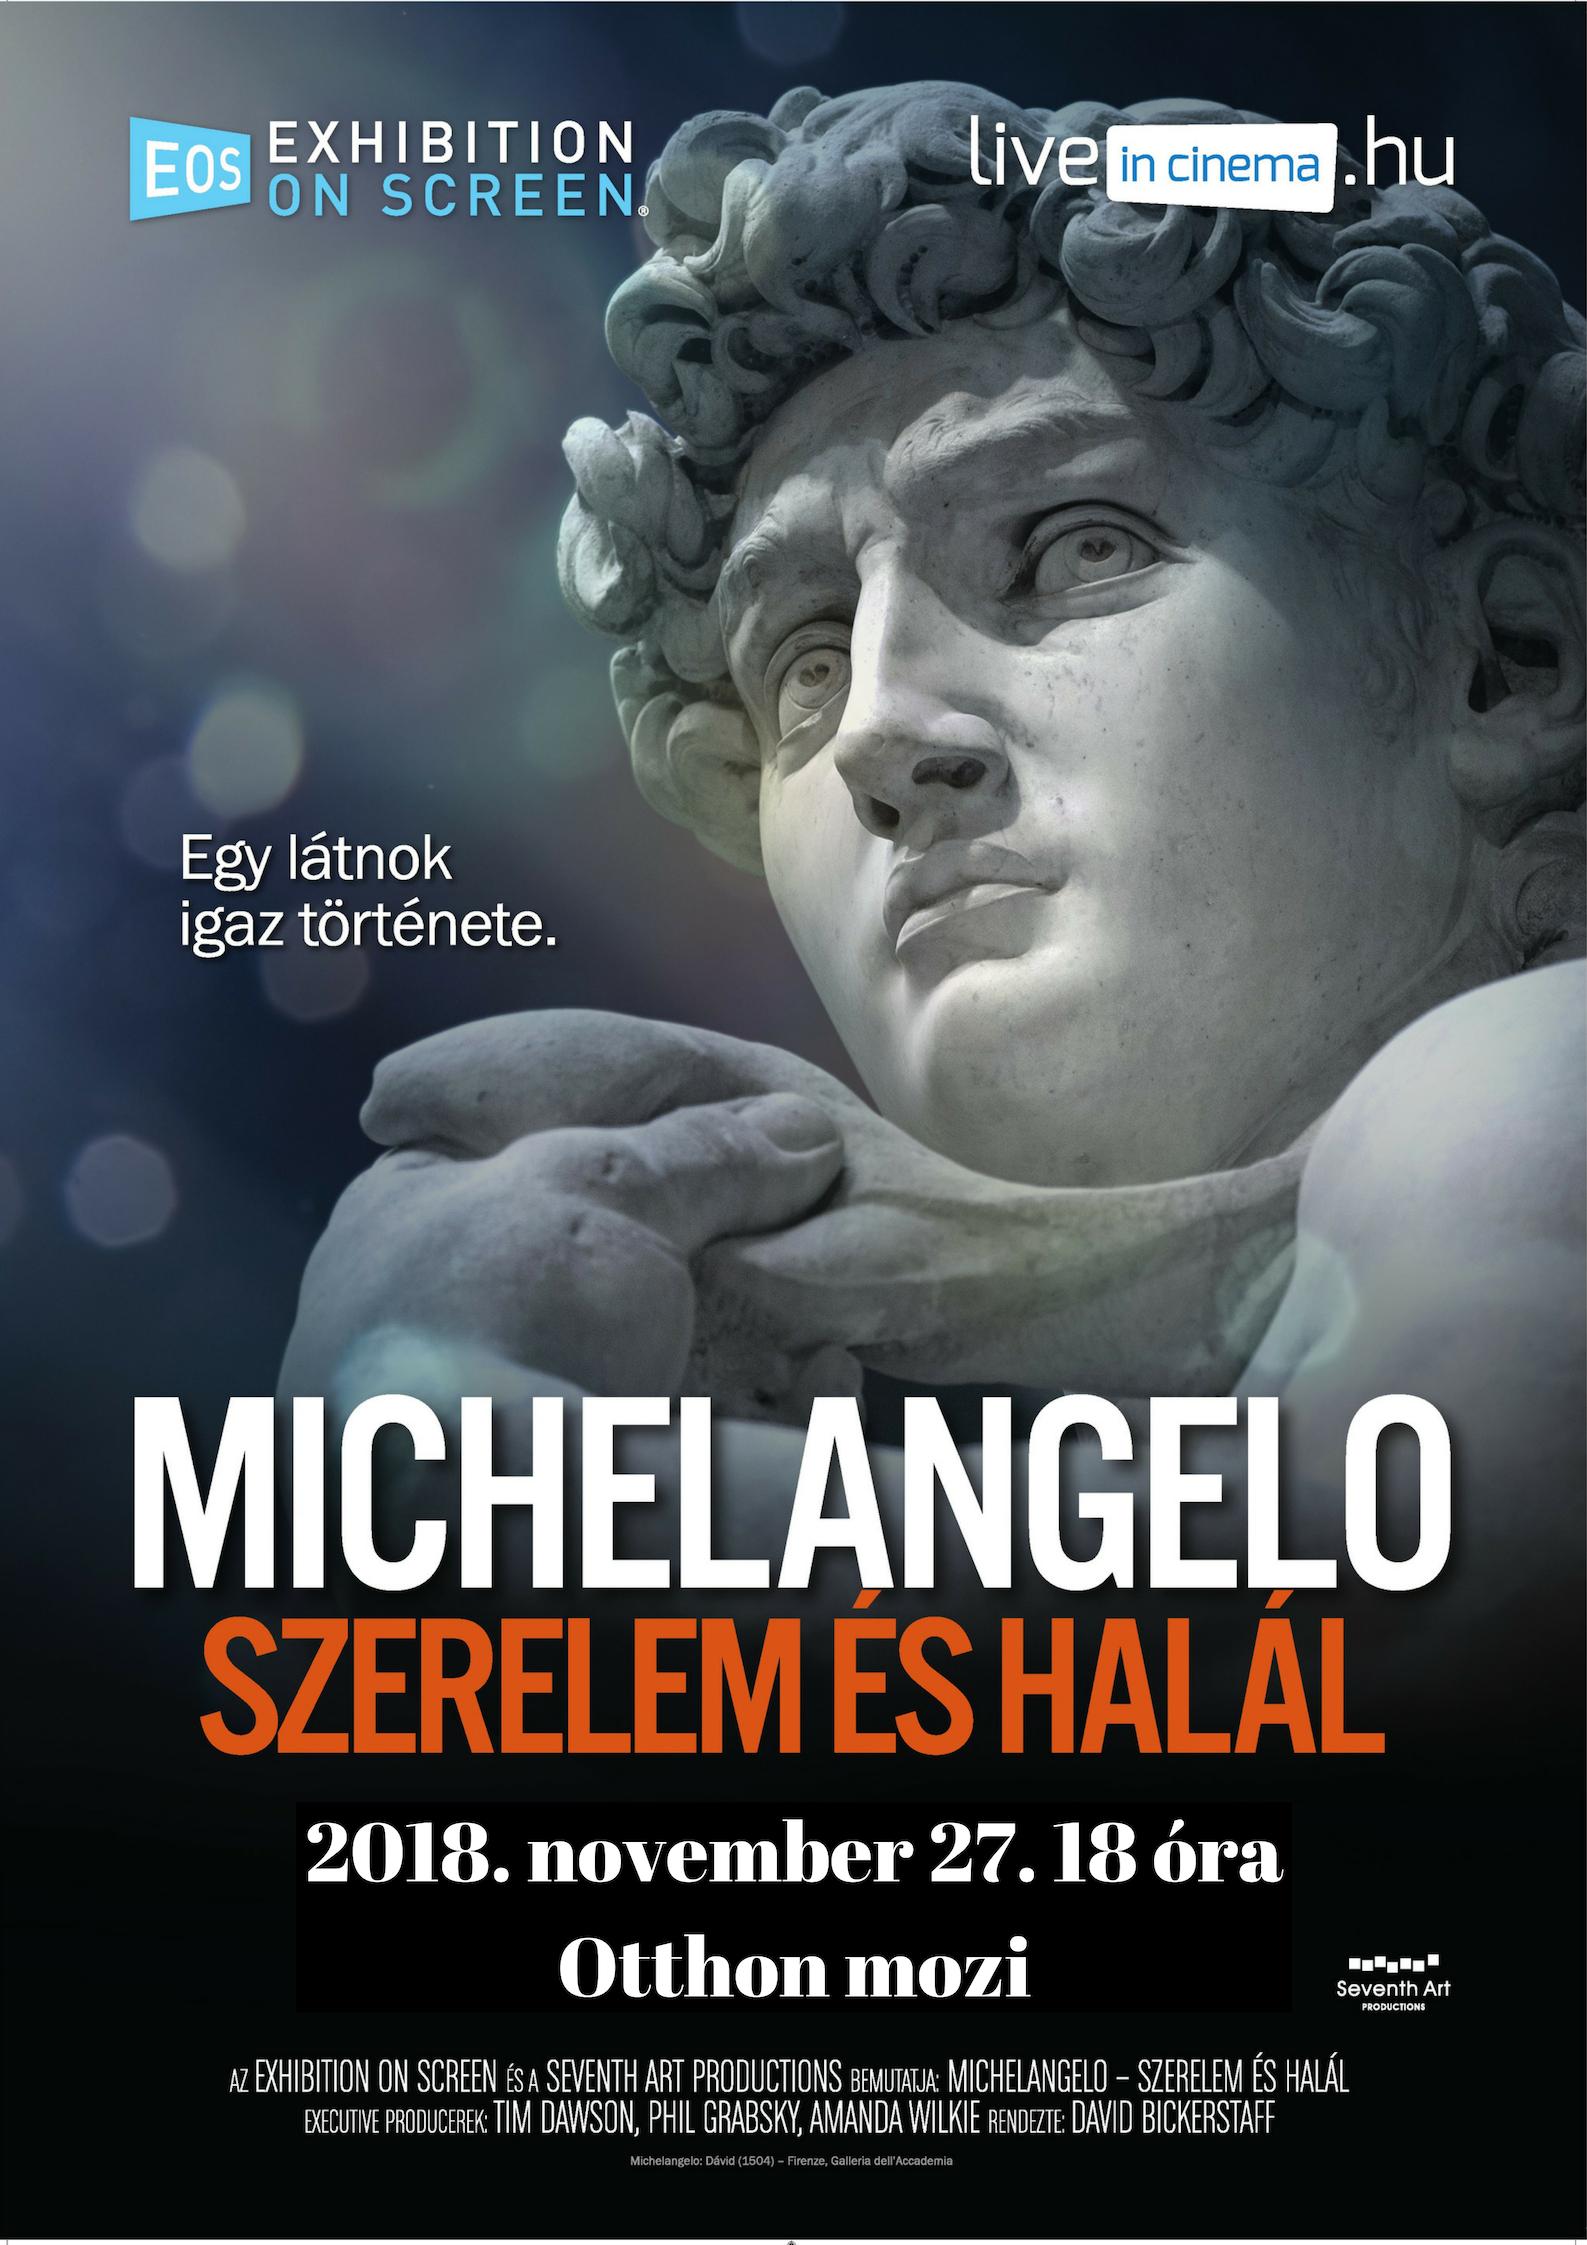 Michelangelo: Szerelem és halál